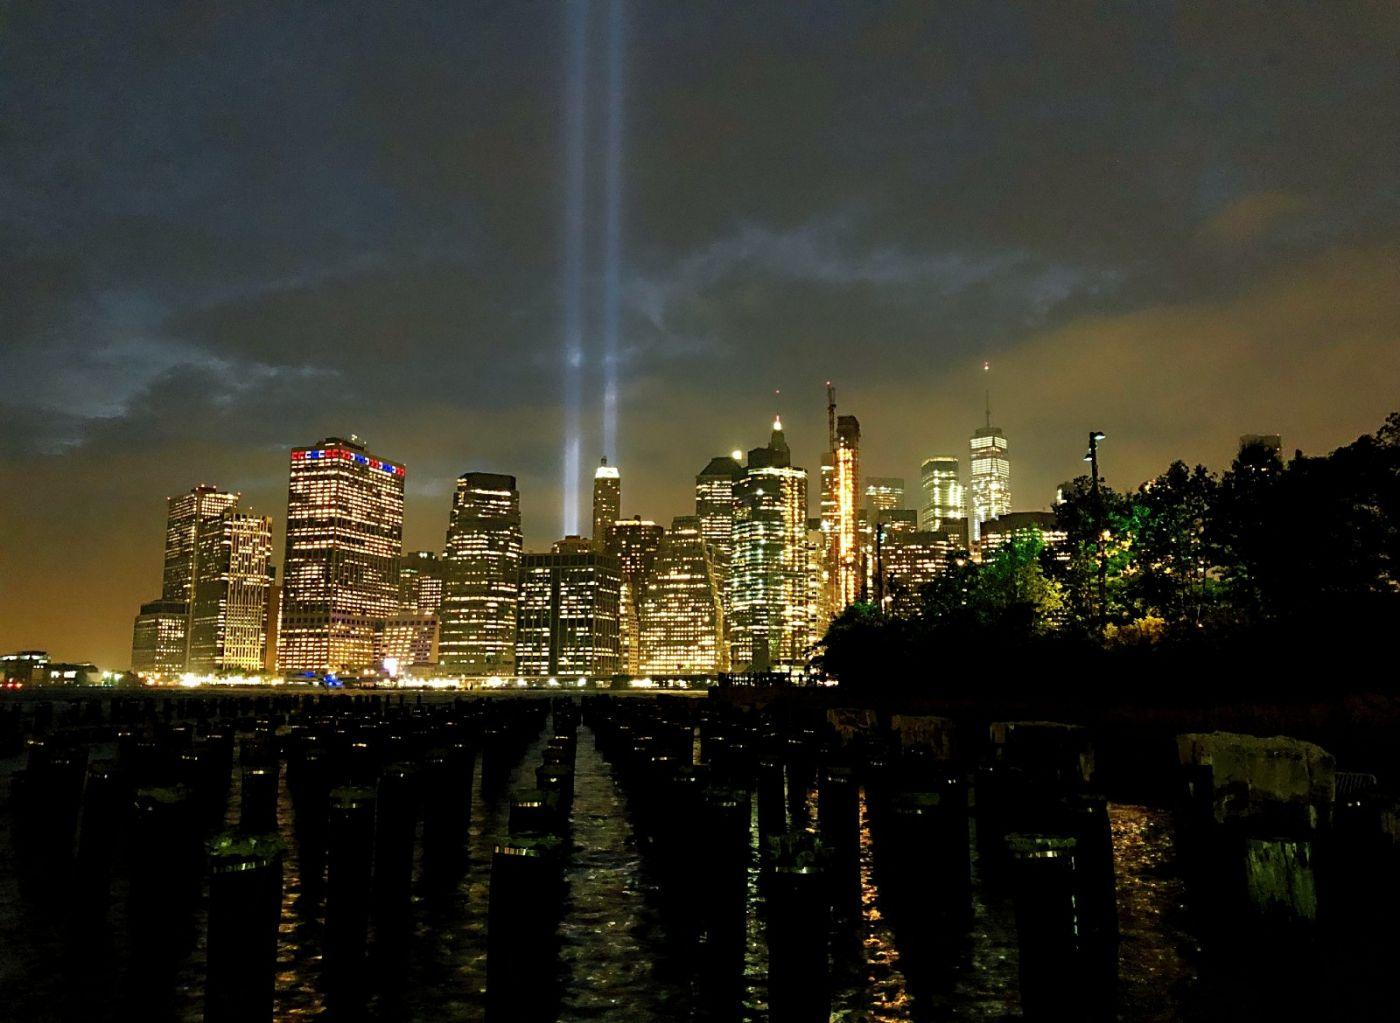 【田螺手机摄影】拍摄灯柱纪念911恐襲17周年_图1-4